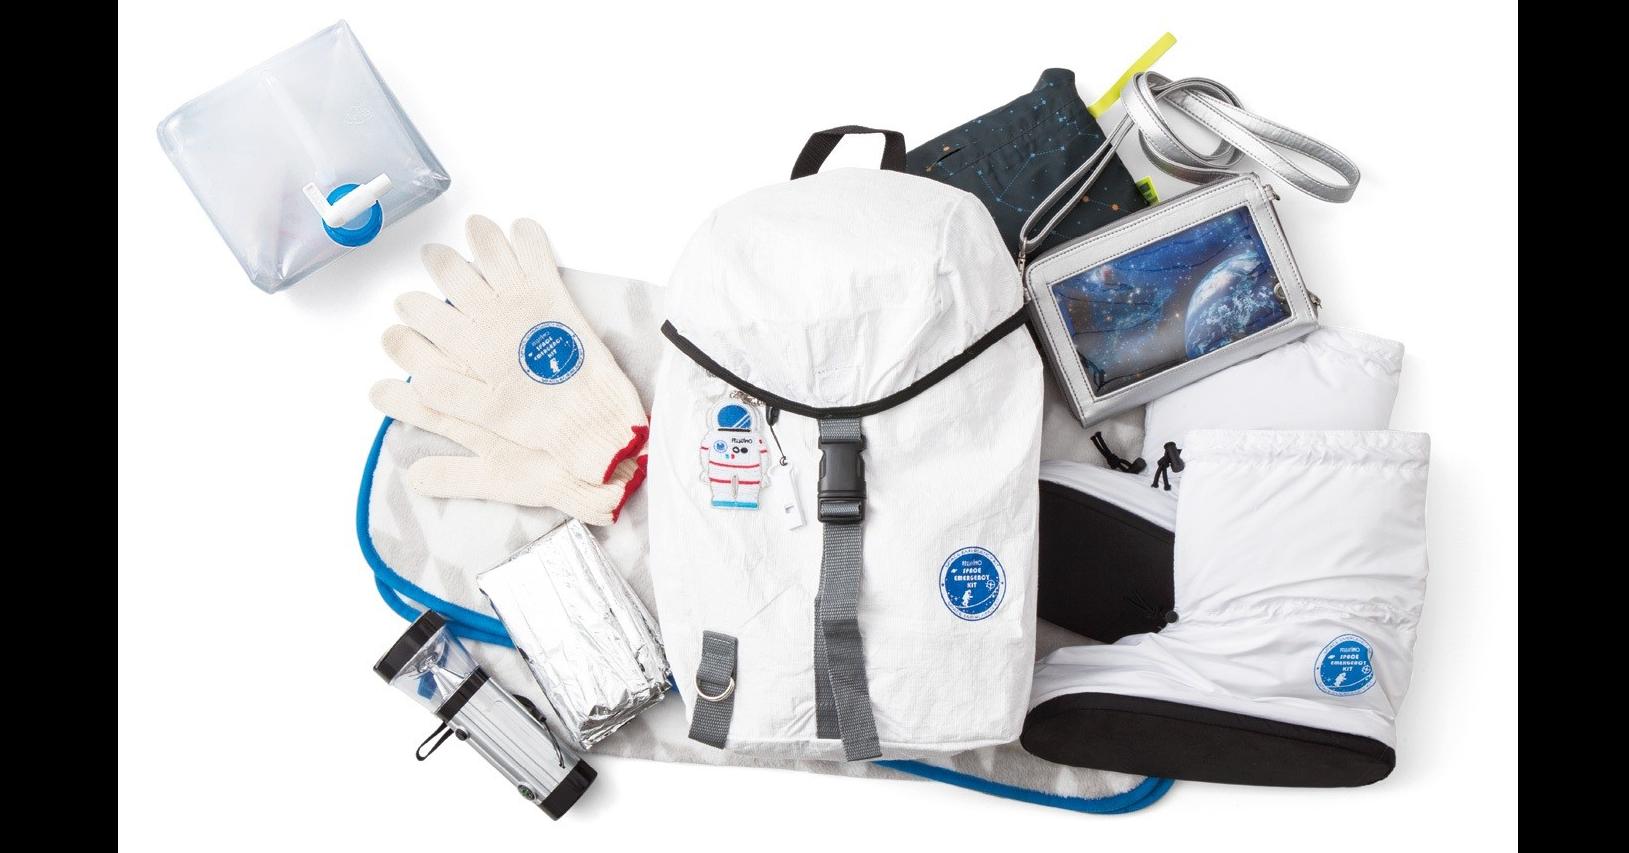 照片中提到了IHOE,包含了家庭用品、費利斯西莫、產品、郵購、米菲